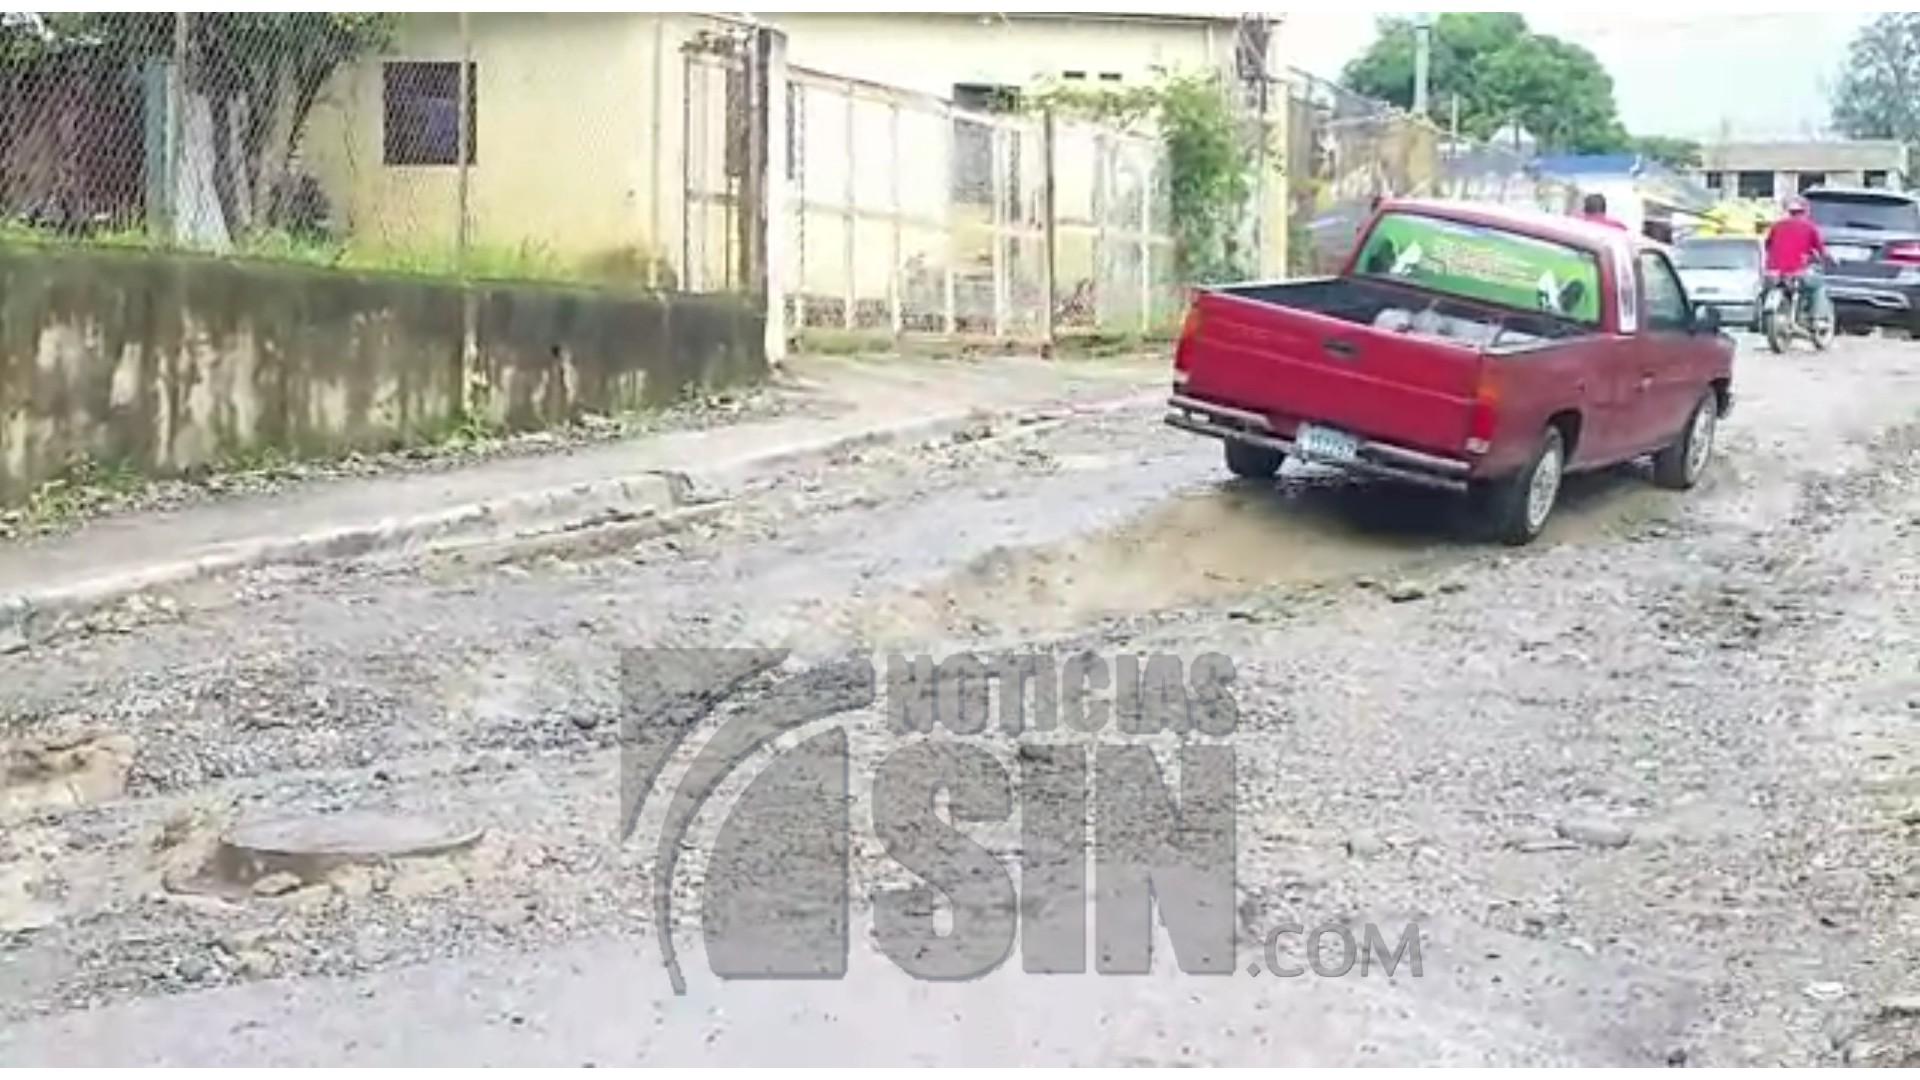 Moradores denuncian el mal estado de las calles del municipio El Riito